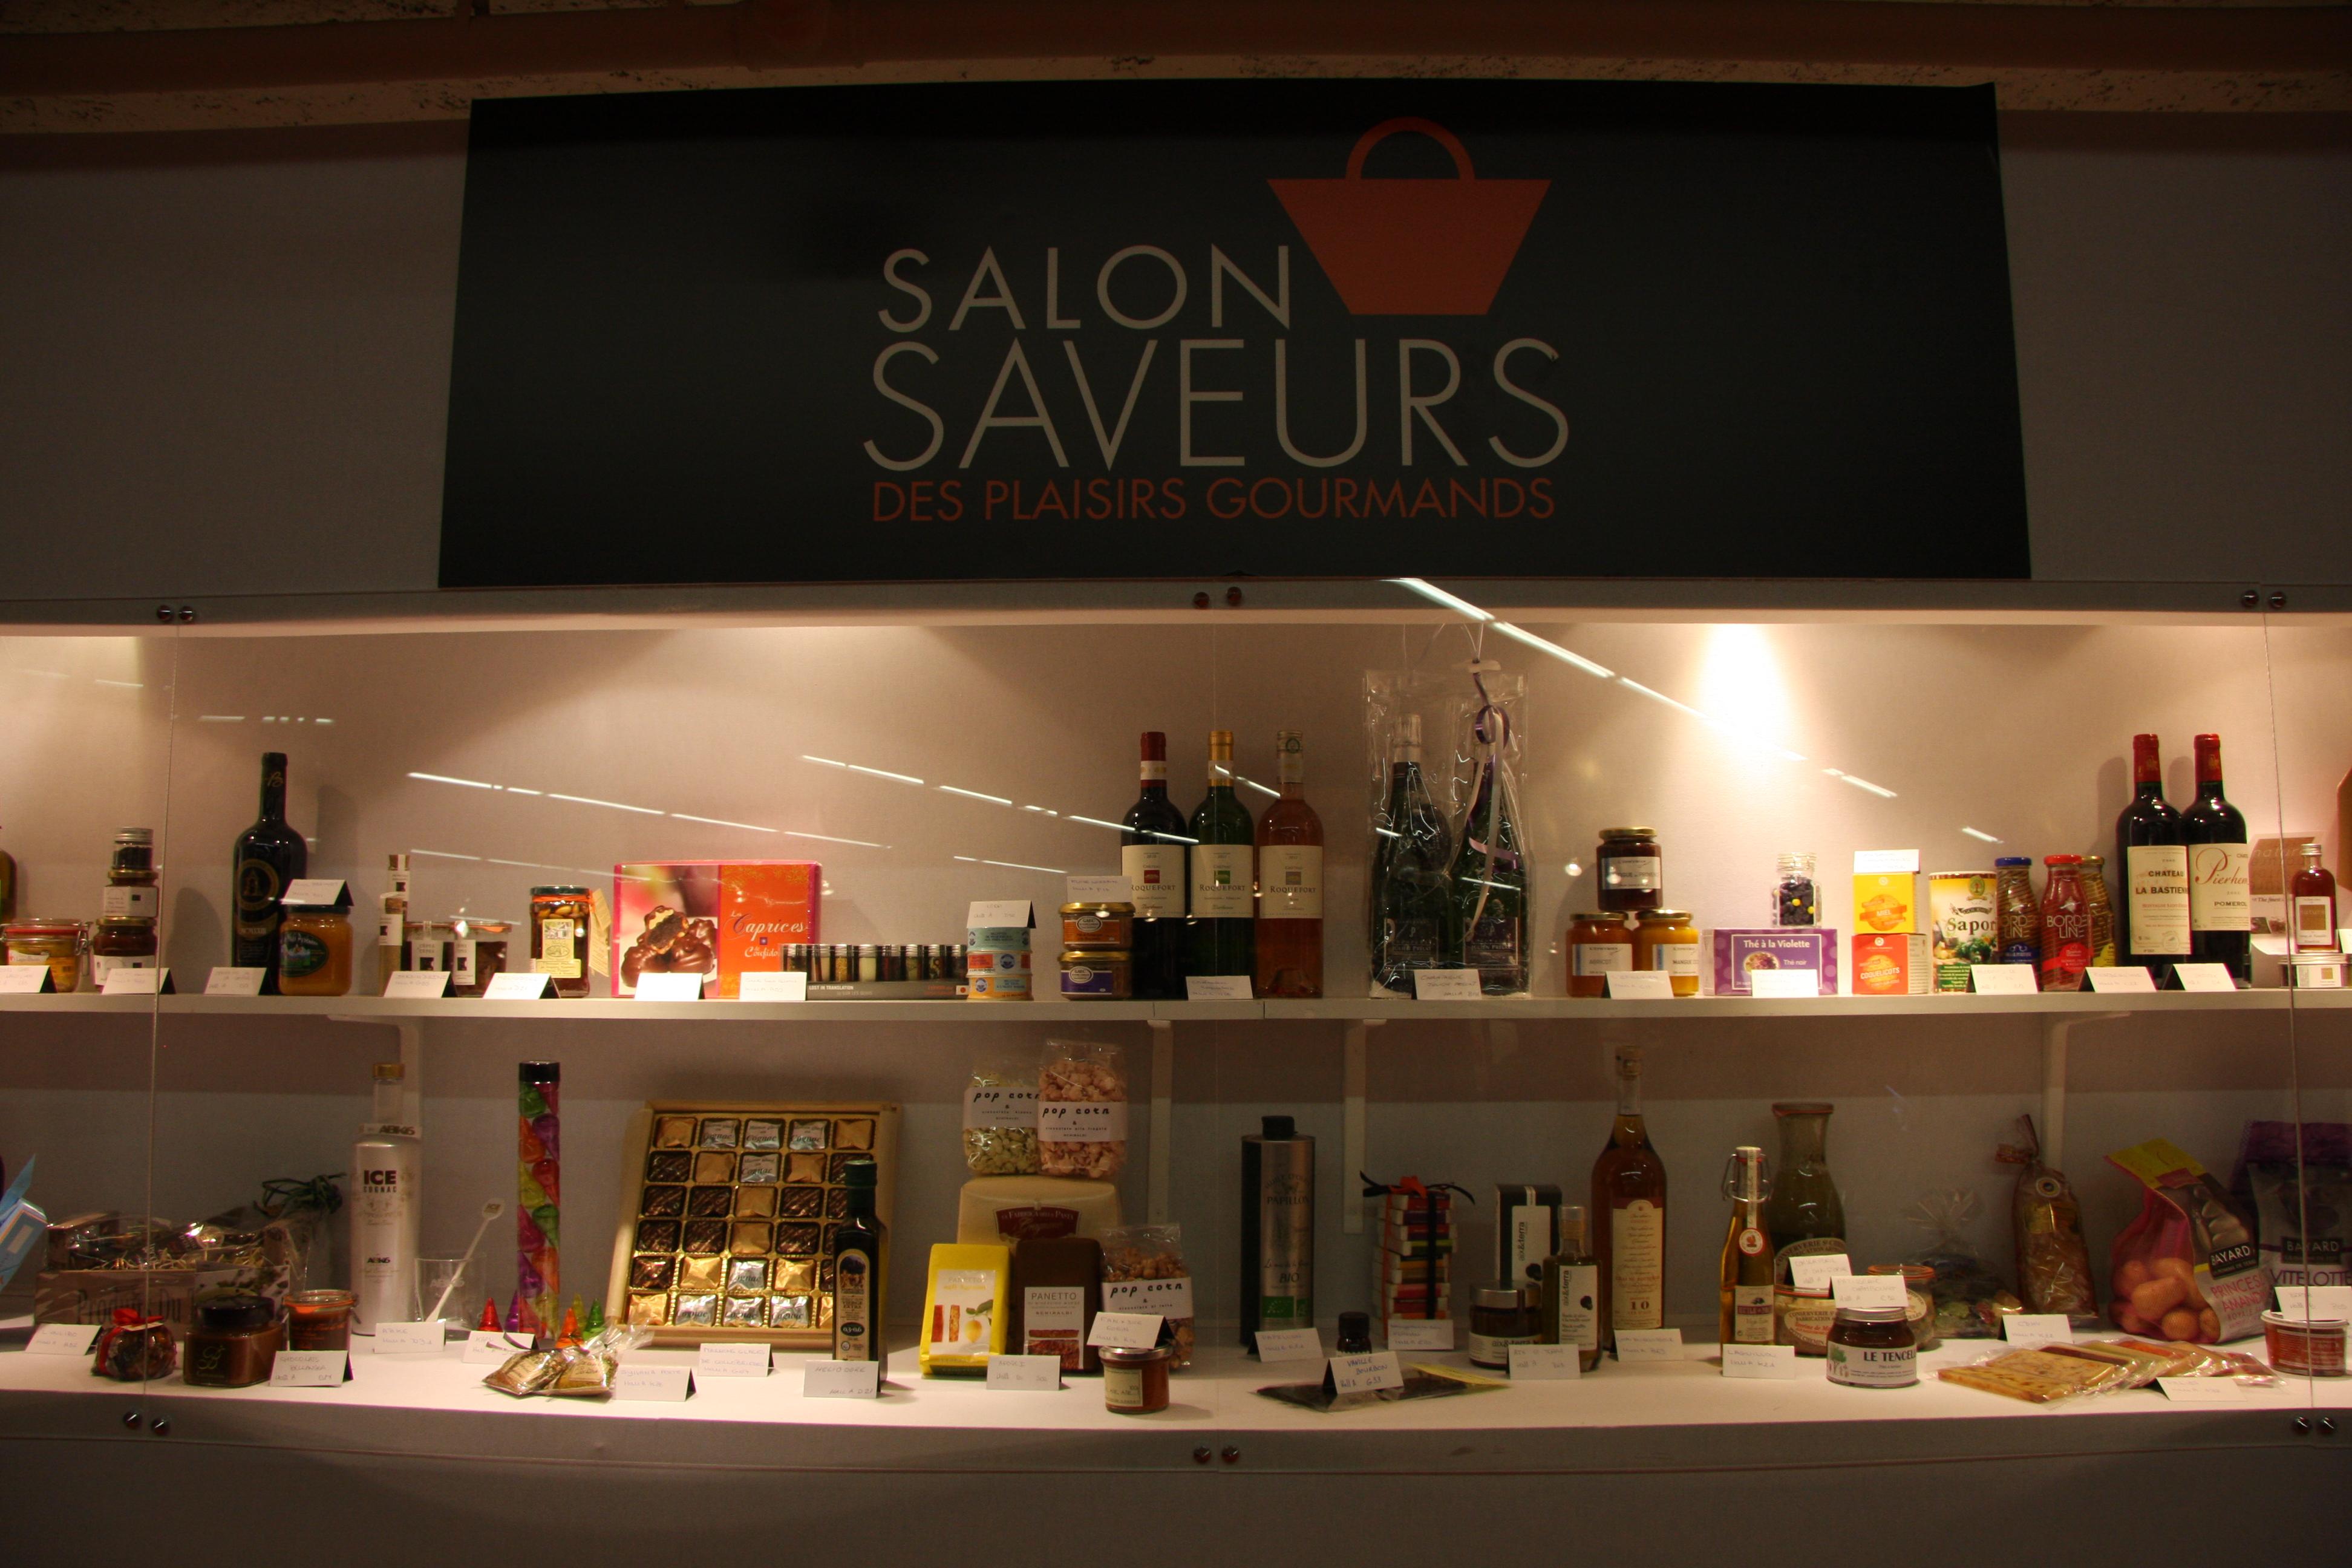 Le salon saveur des plaisirs gourmands le rendez vous for Salon saveurs